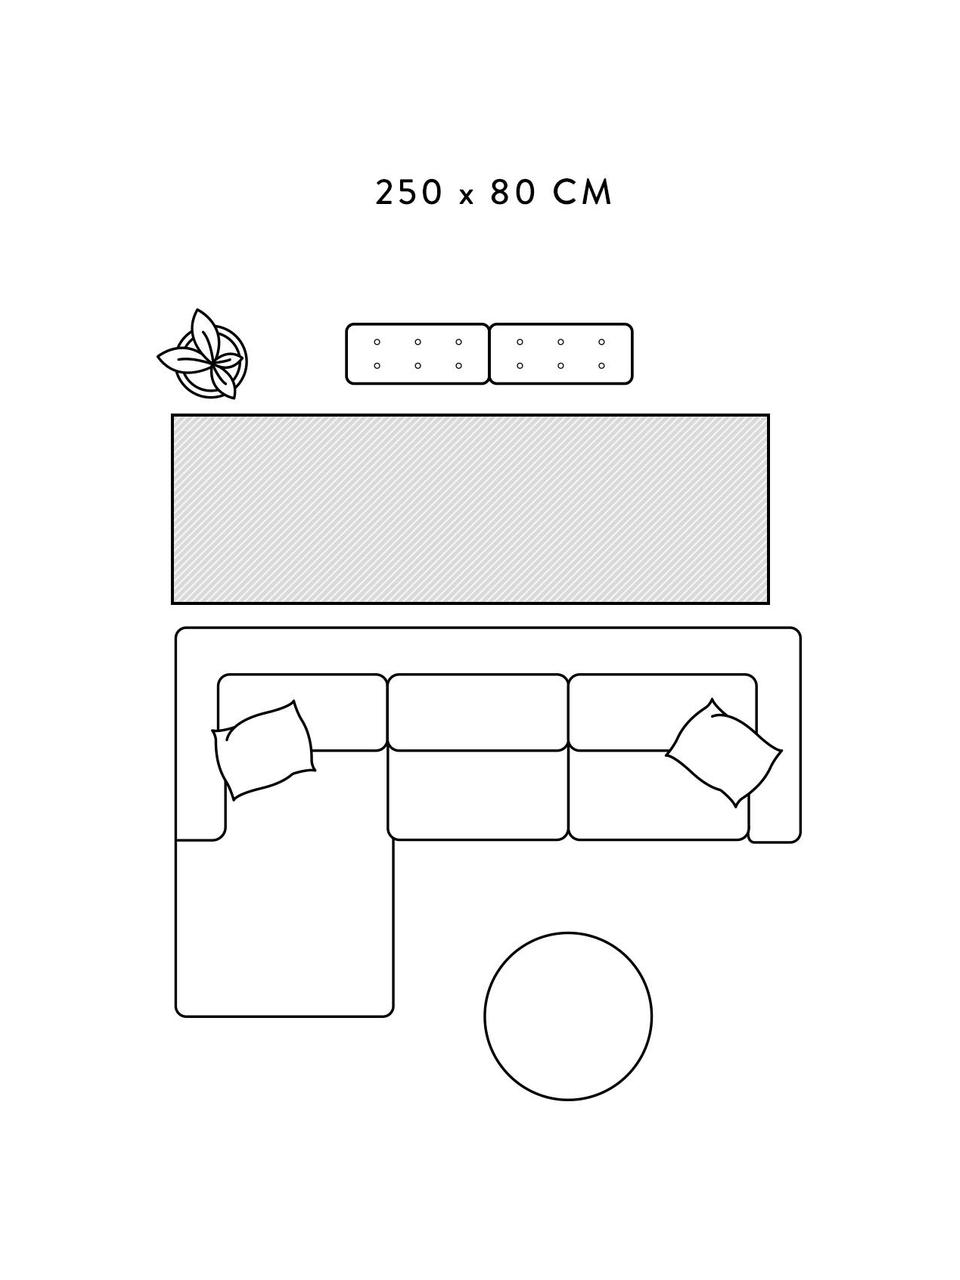 Flauschiger Hochflor-Läufer Velma in Grau/Cremeweiß, Flor: 100% Polypropylen, Grau, Cremeweiß, 80 x 250 cm